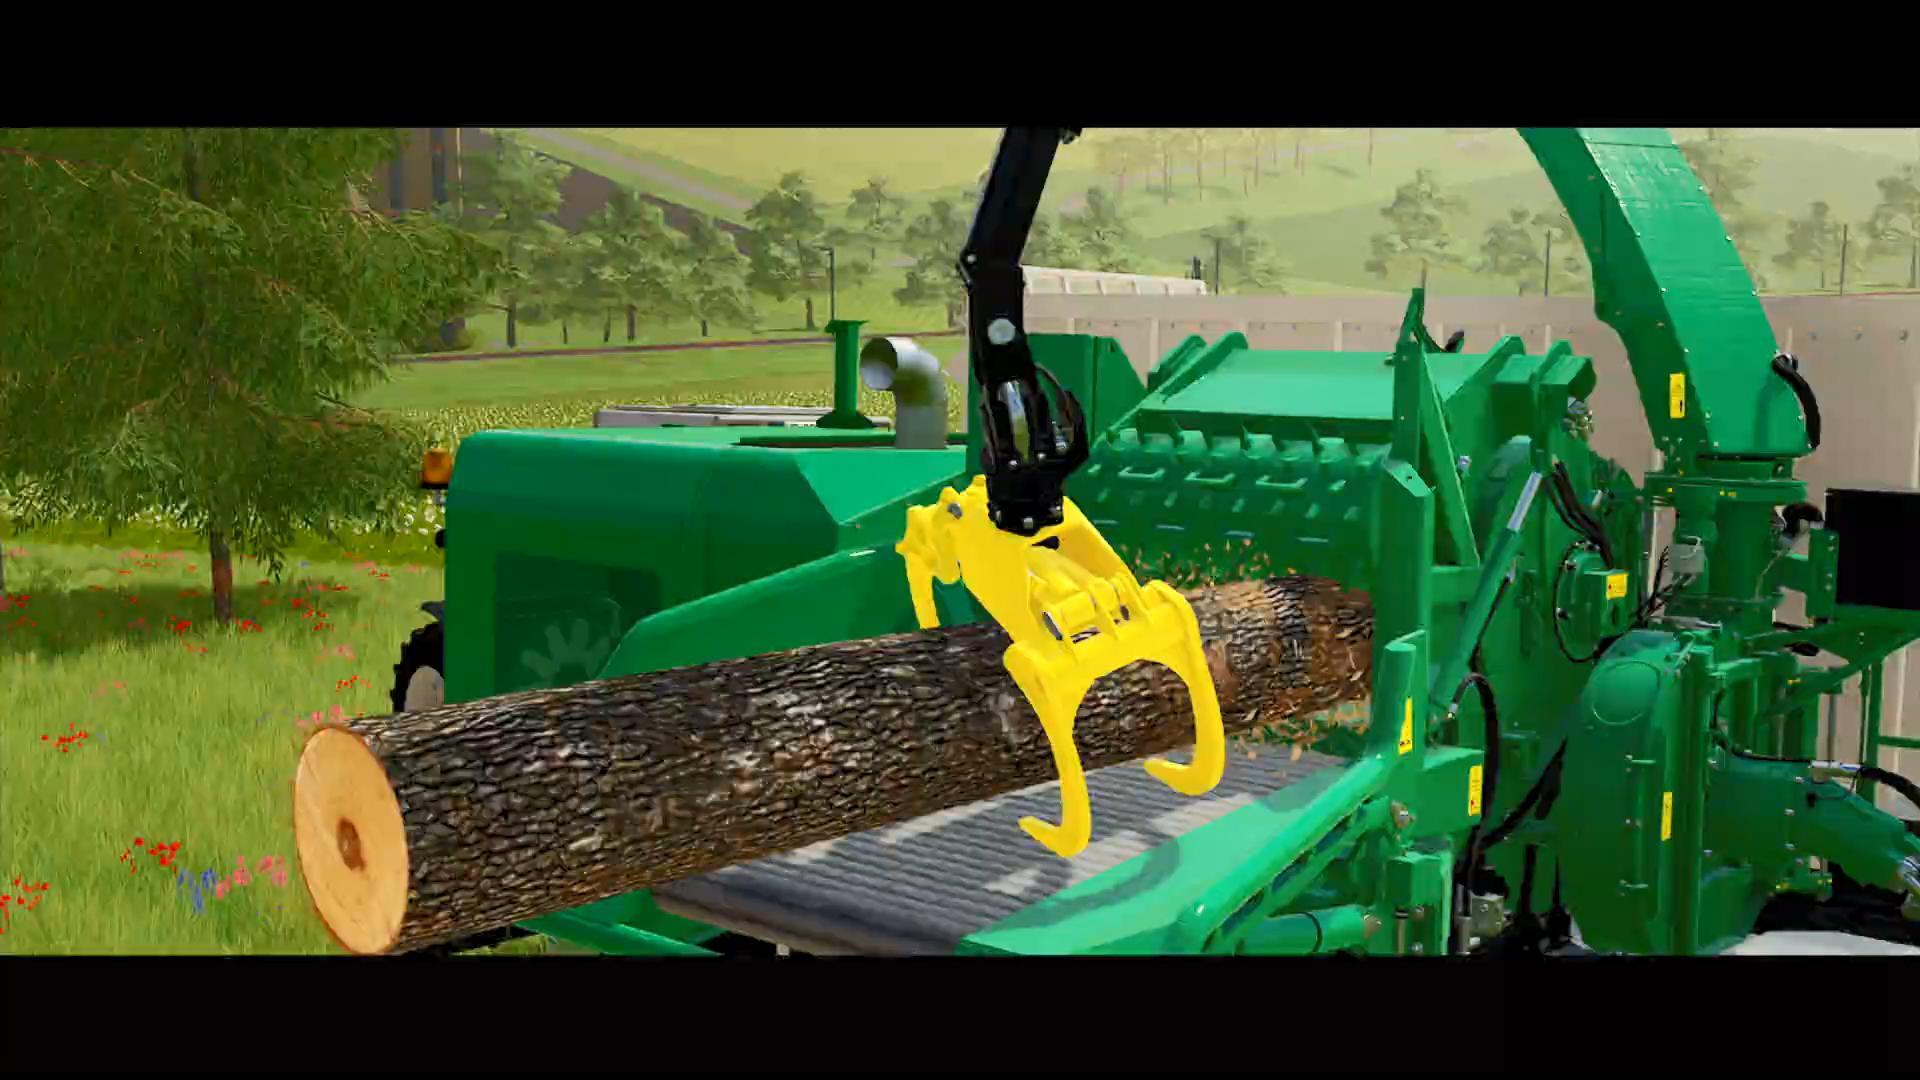 11月22日发售《模拟农场22》全新实机展示